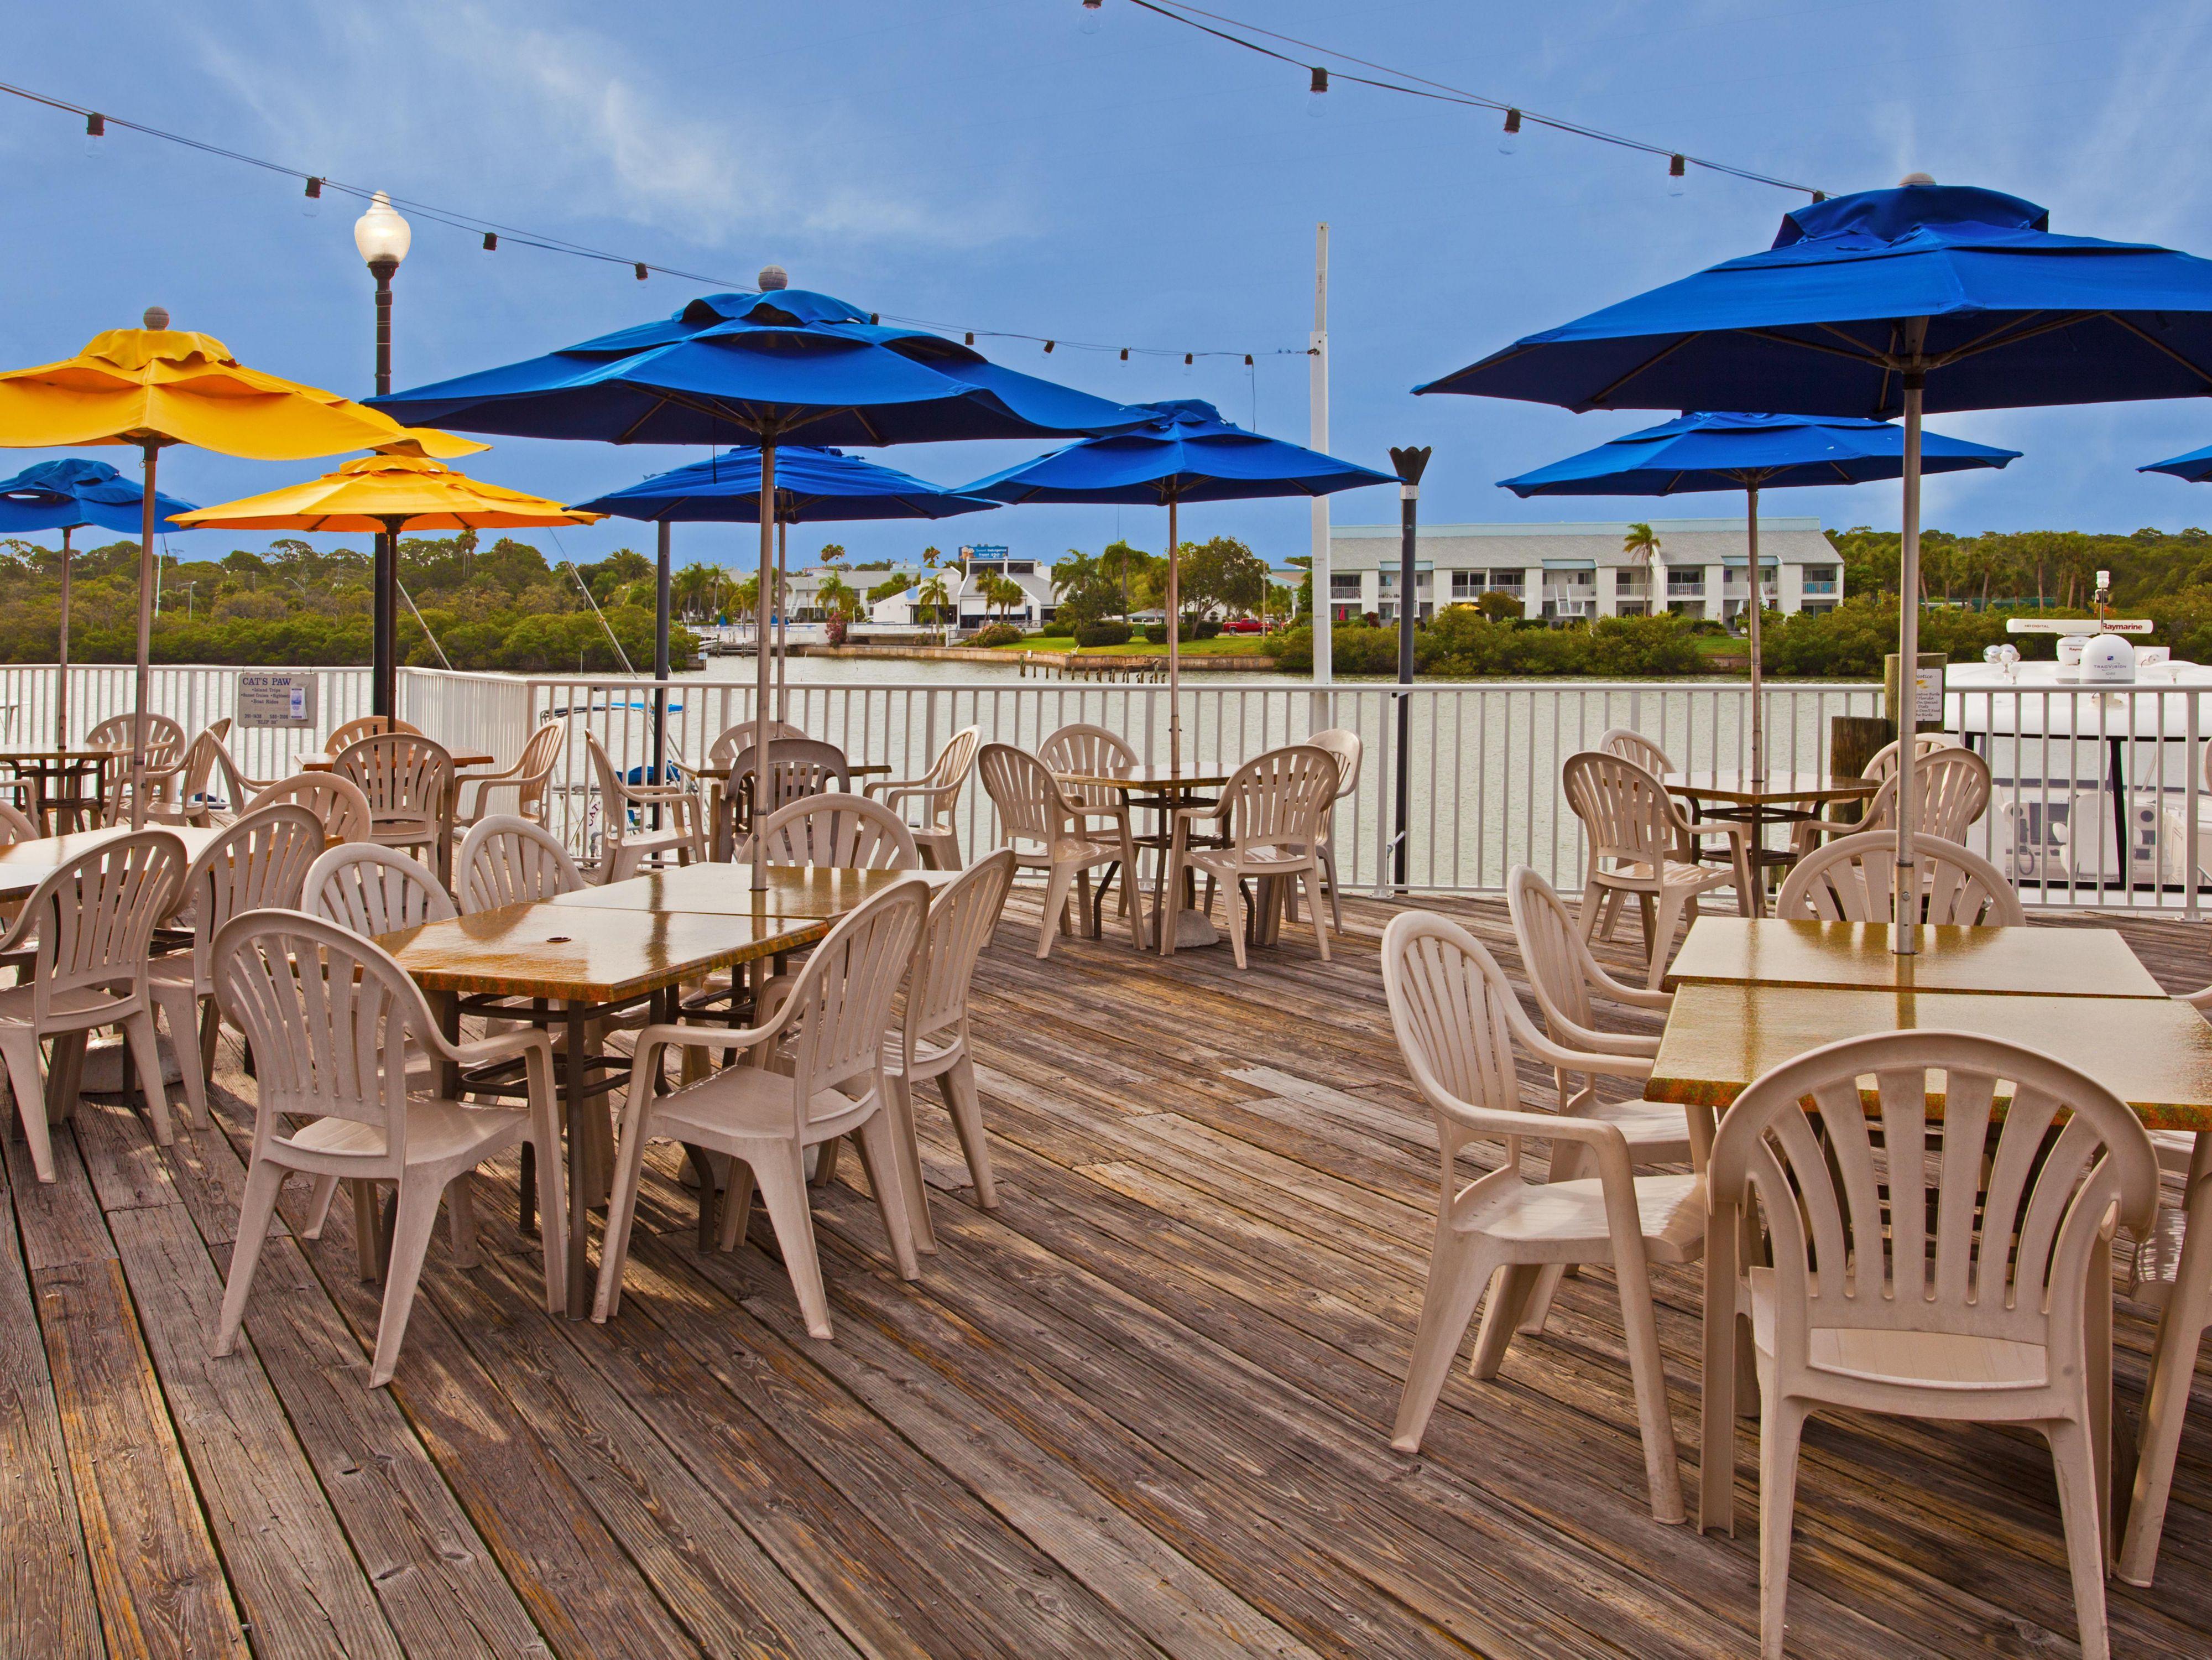 Ihg Hotels Clearwater Beach